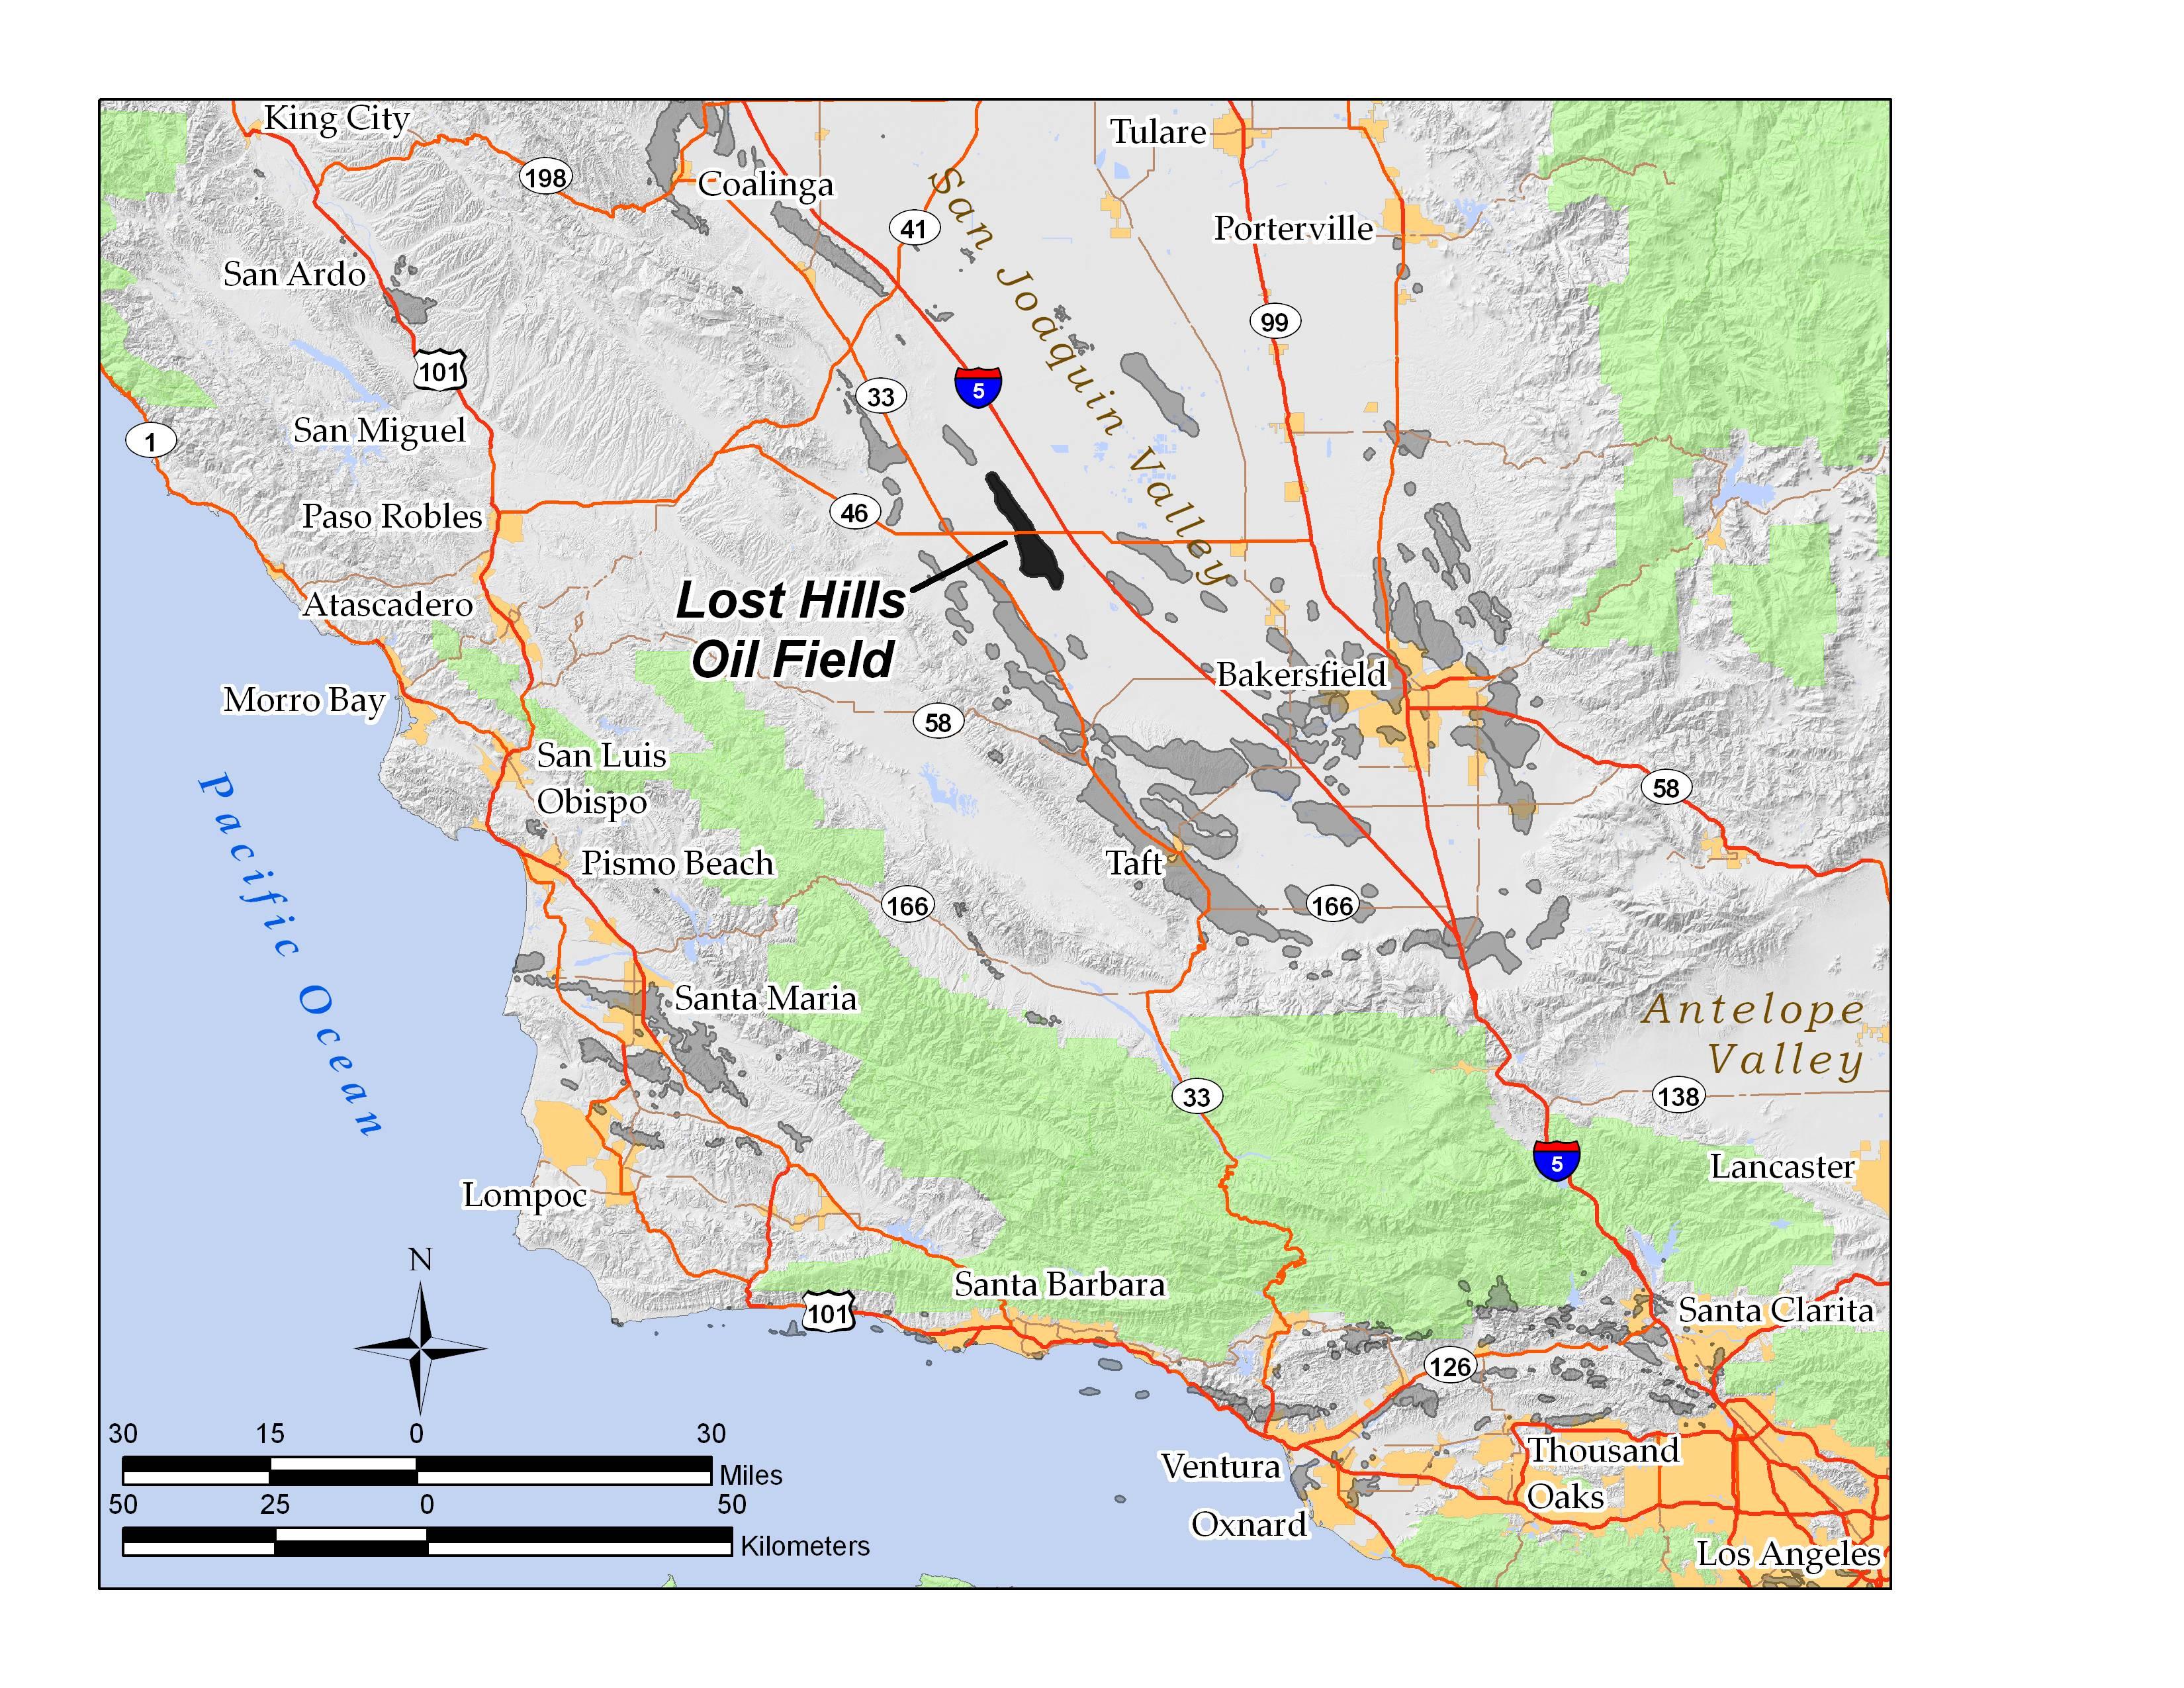 Lost Hills Oil Field